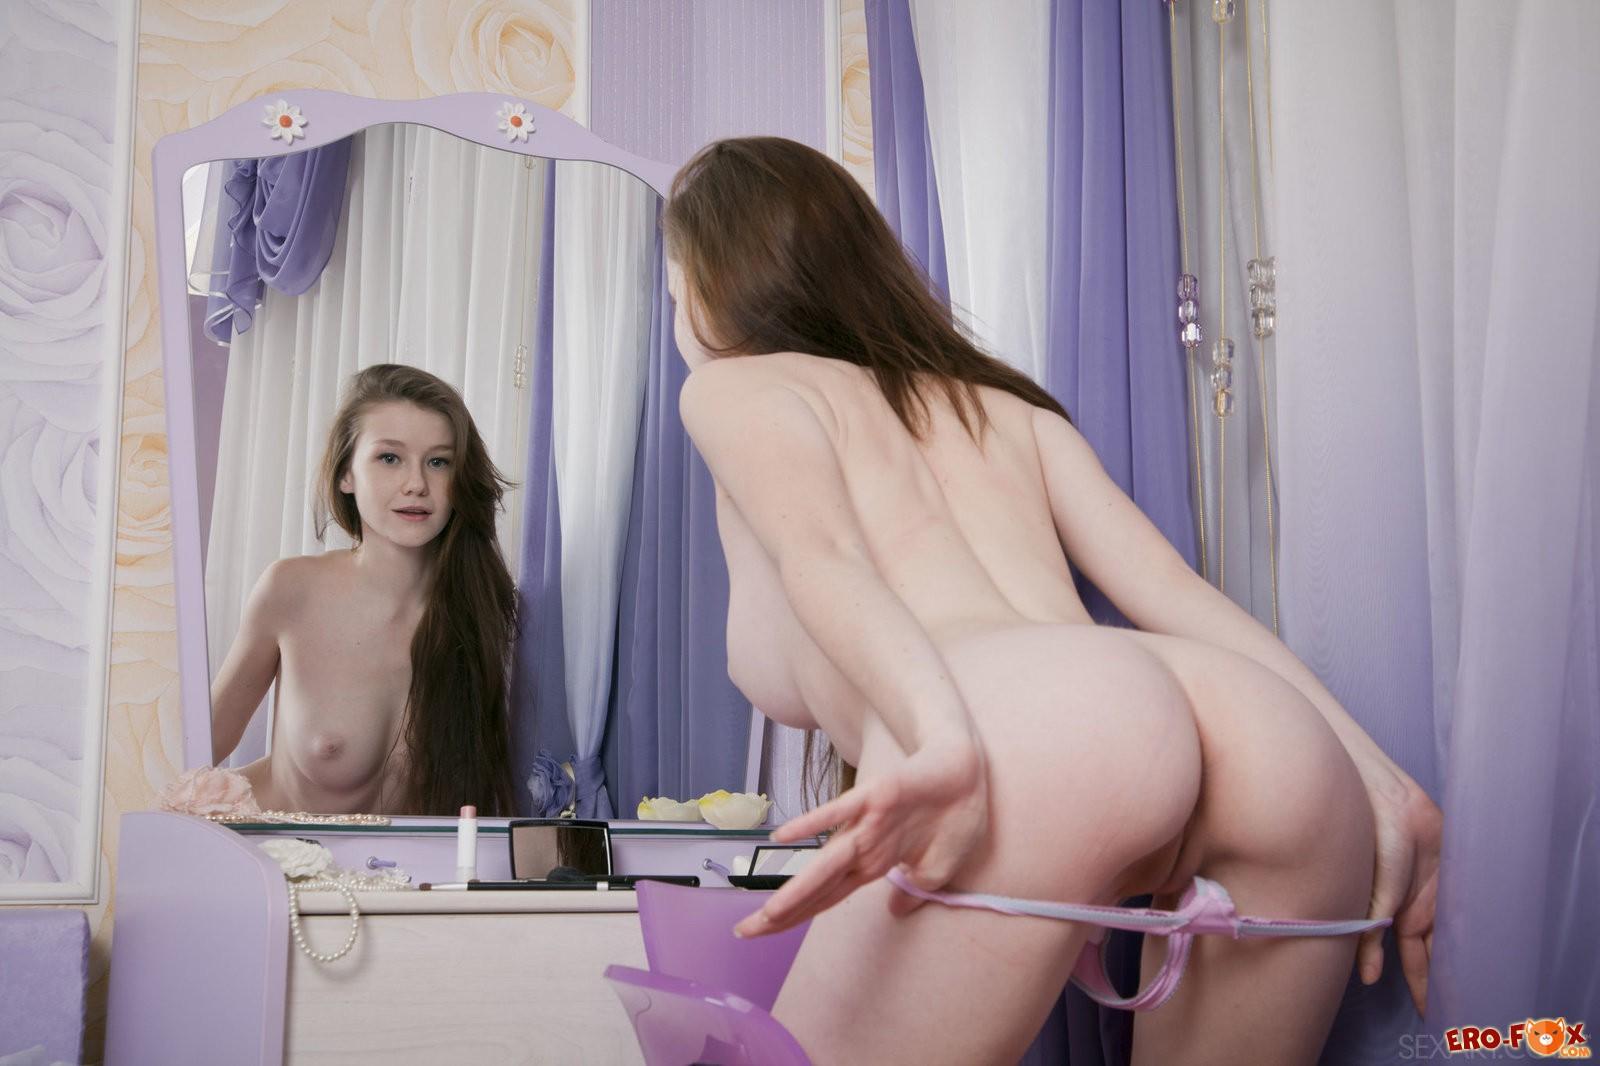 Молодая красивая девушка раздевается до гола в спальне